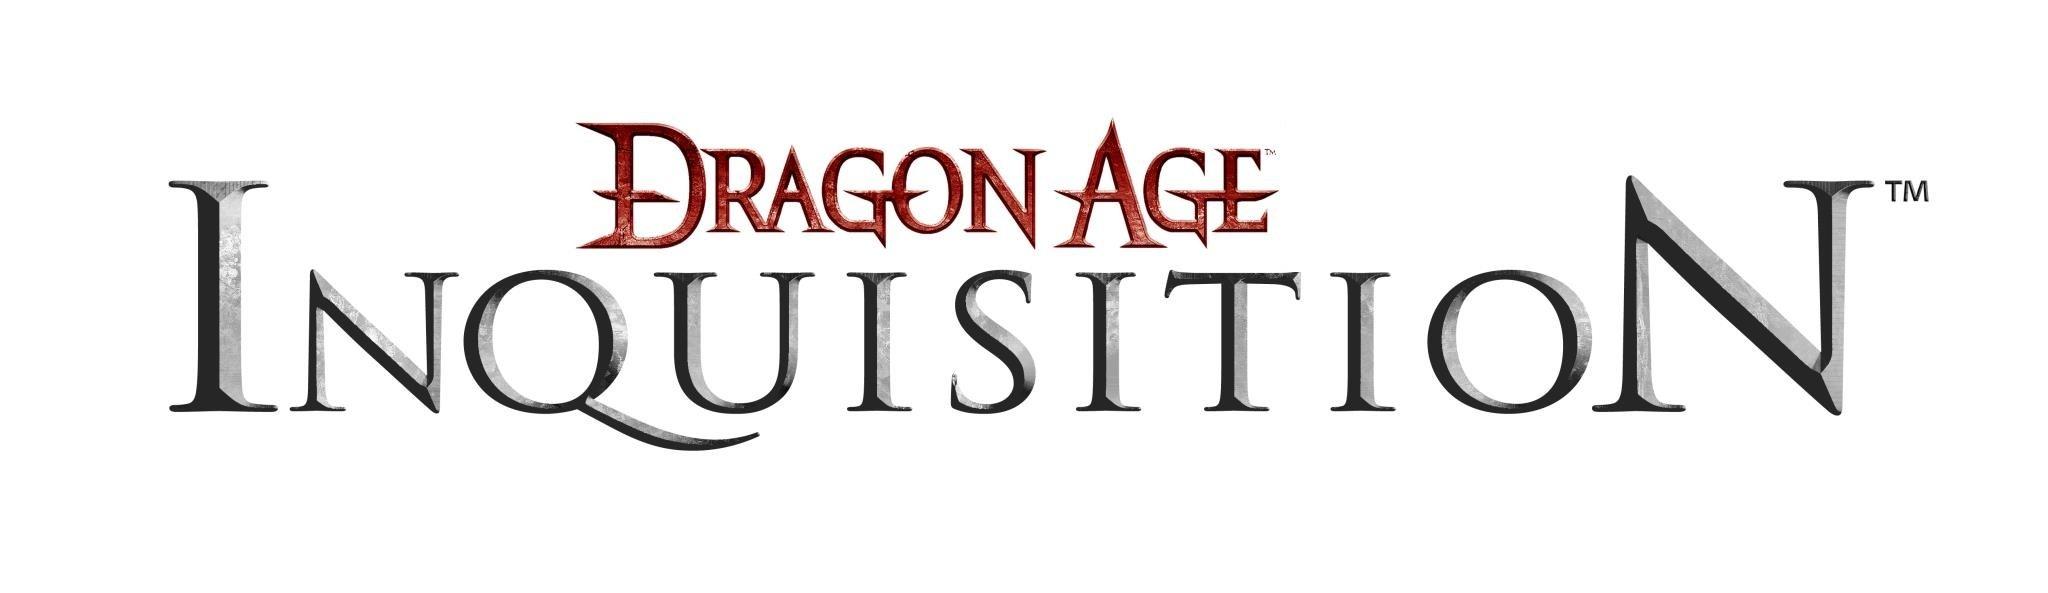 ESRB опубликовали заключение о «Dragon Age: Инквизиция». - Изображение 1